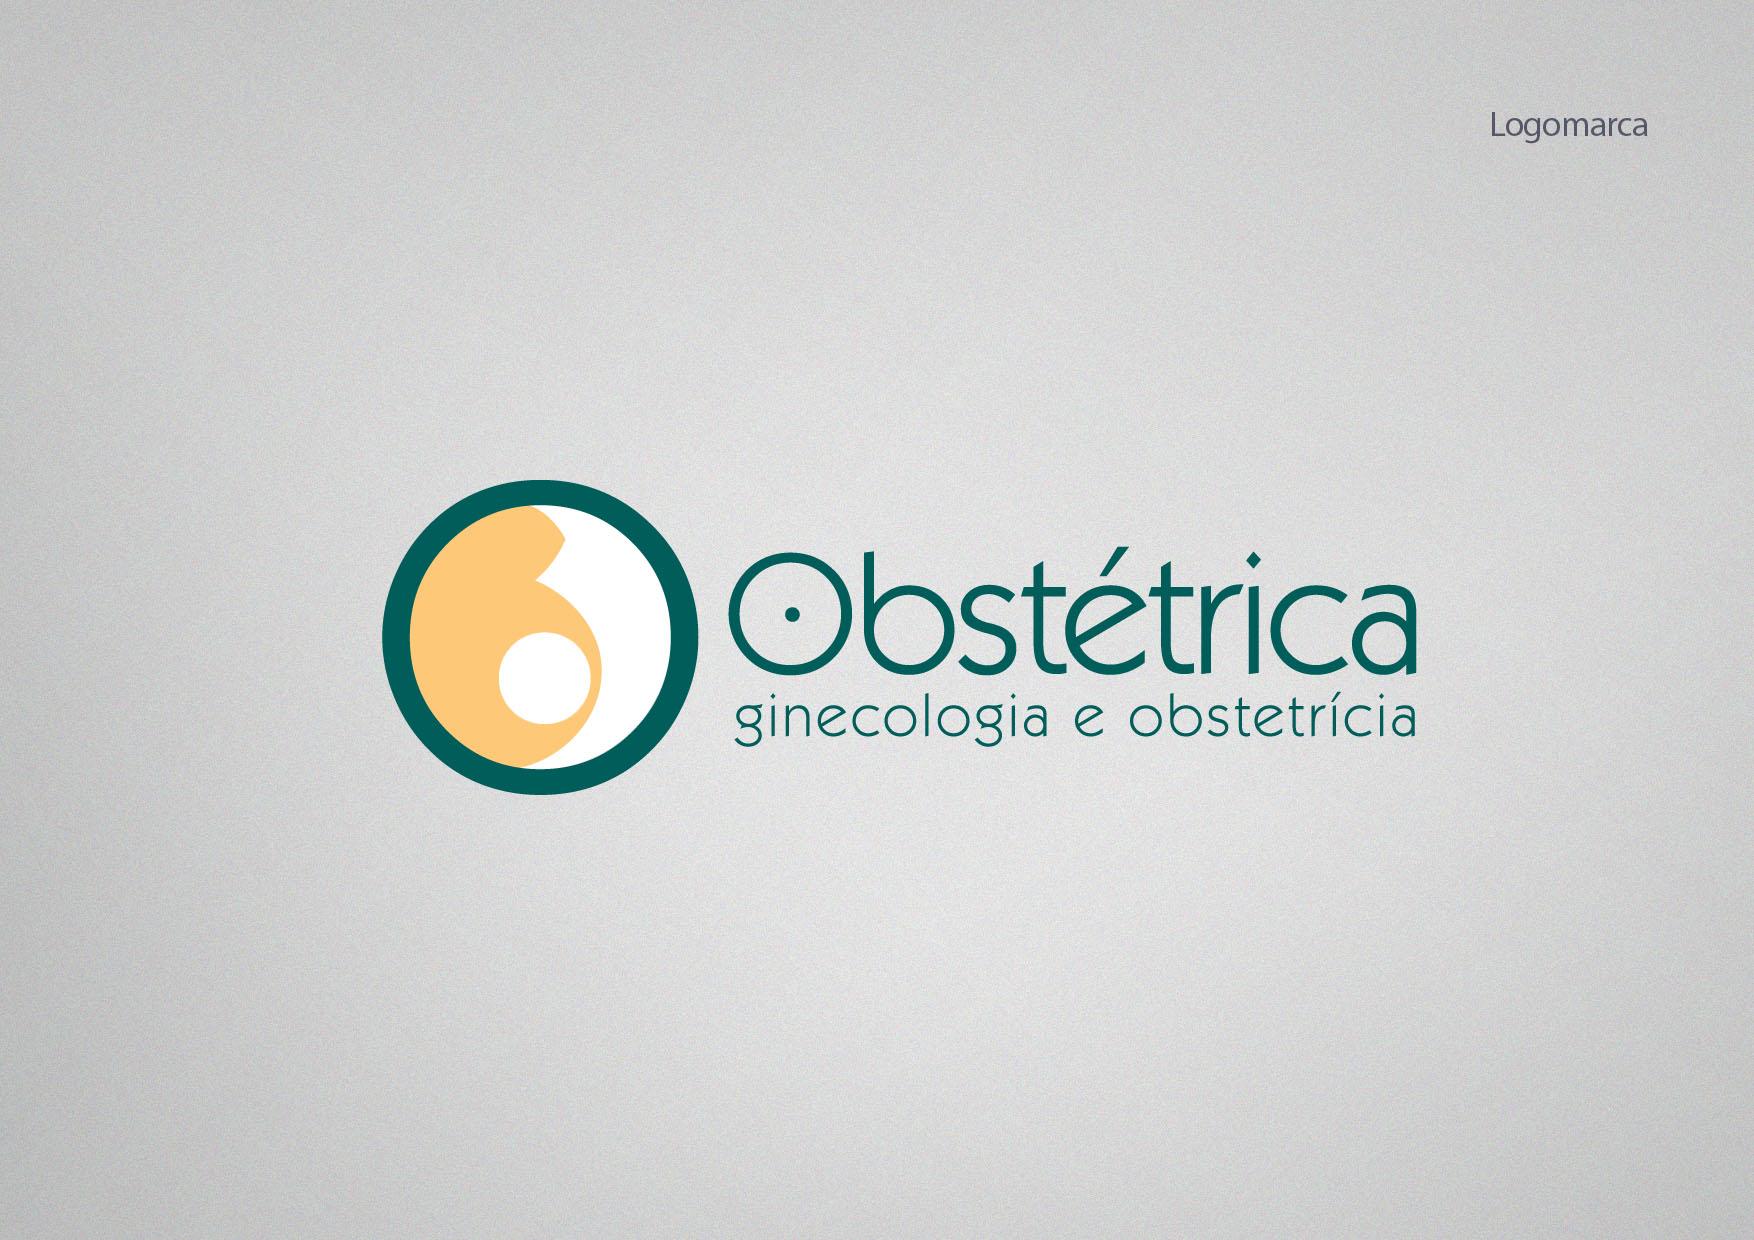 Branding logomarca